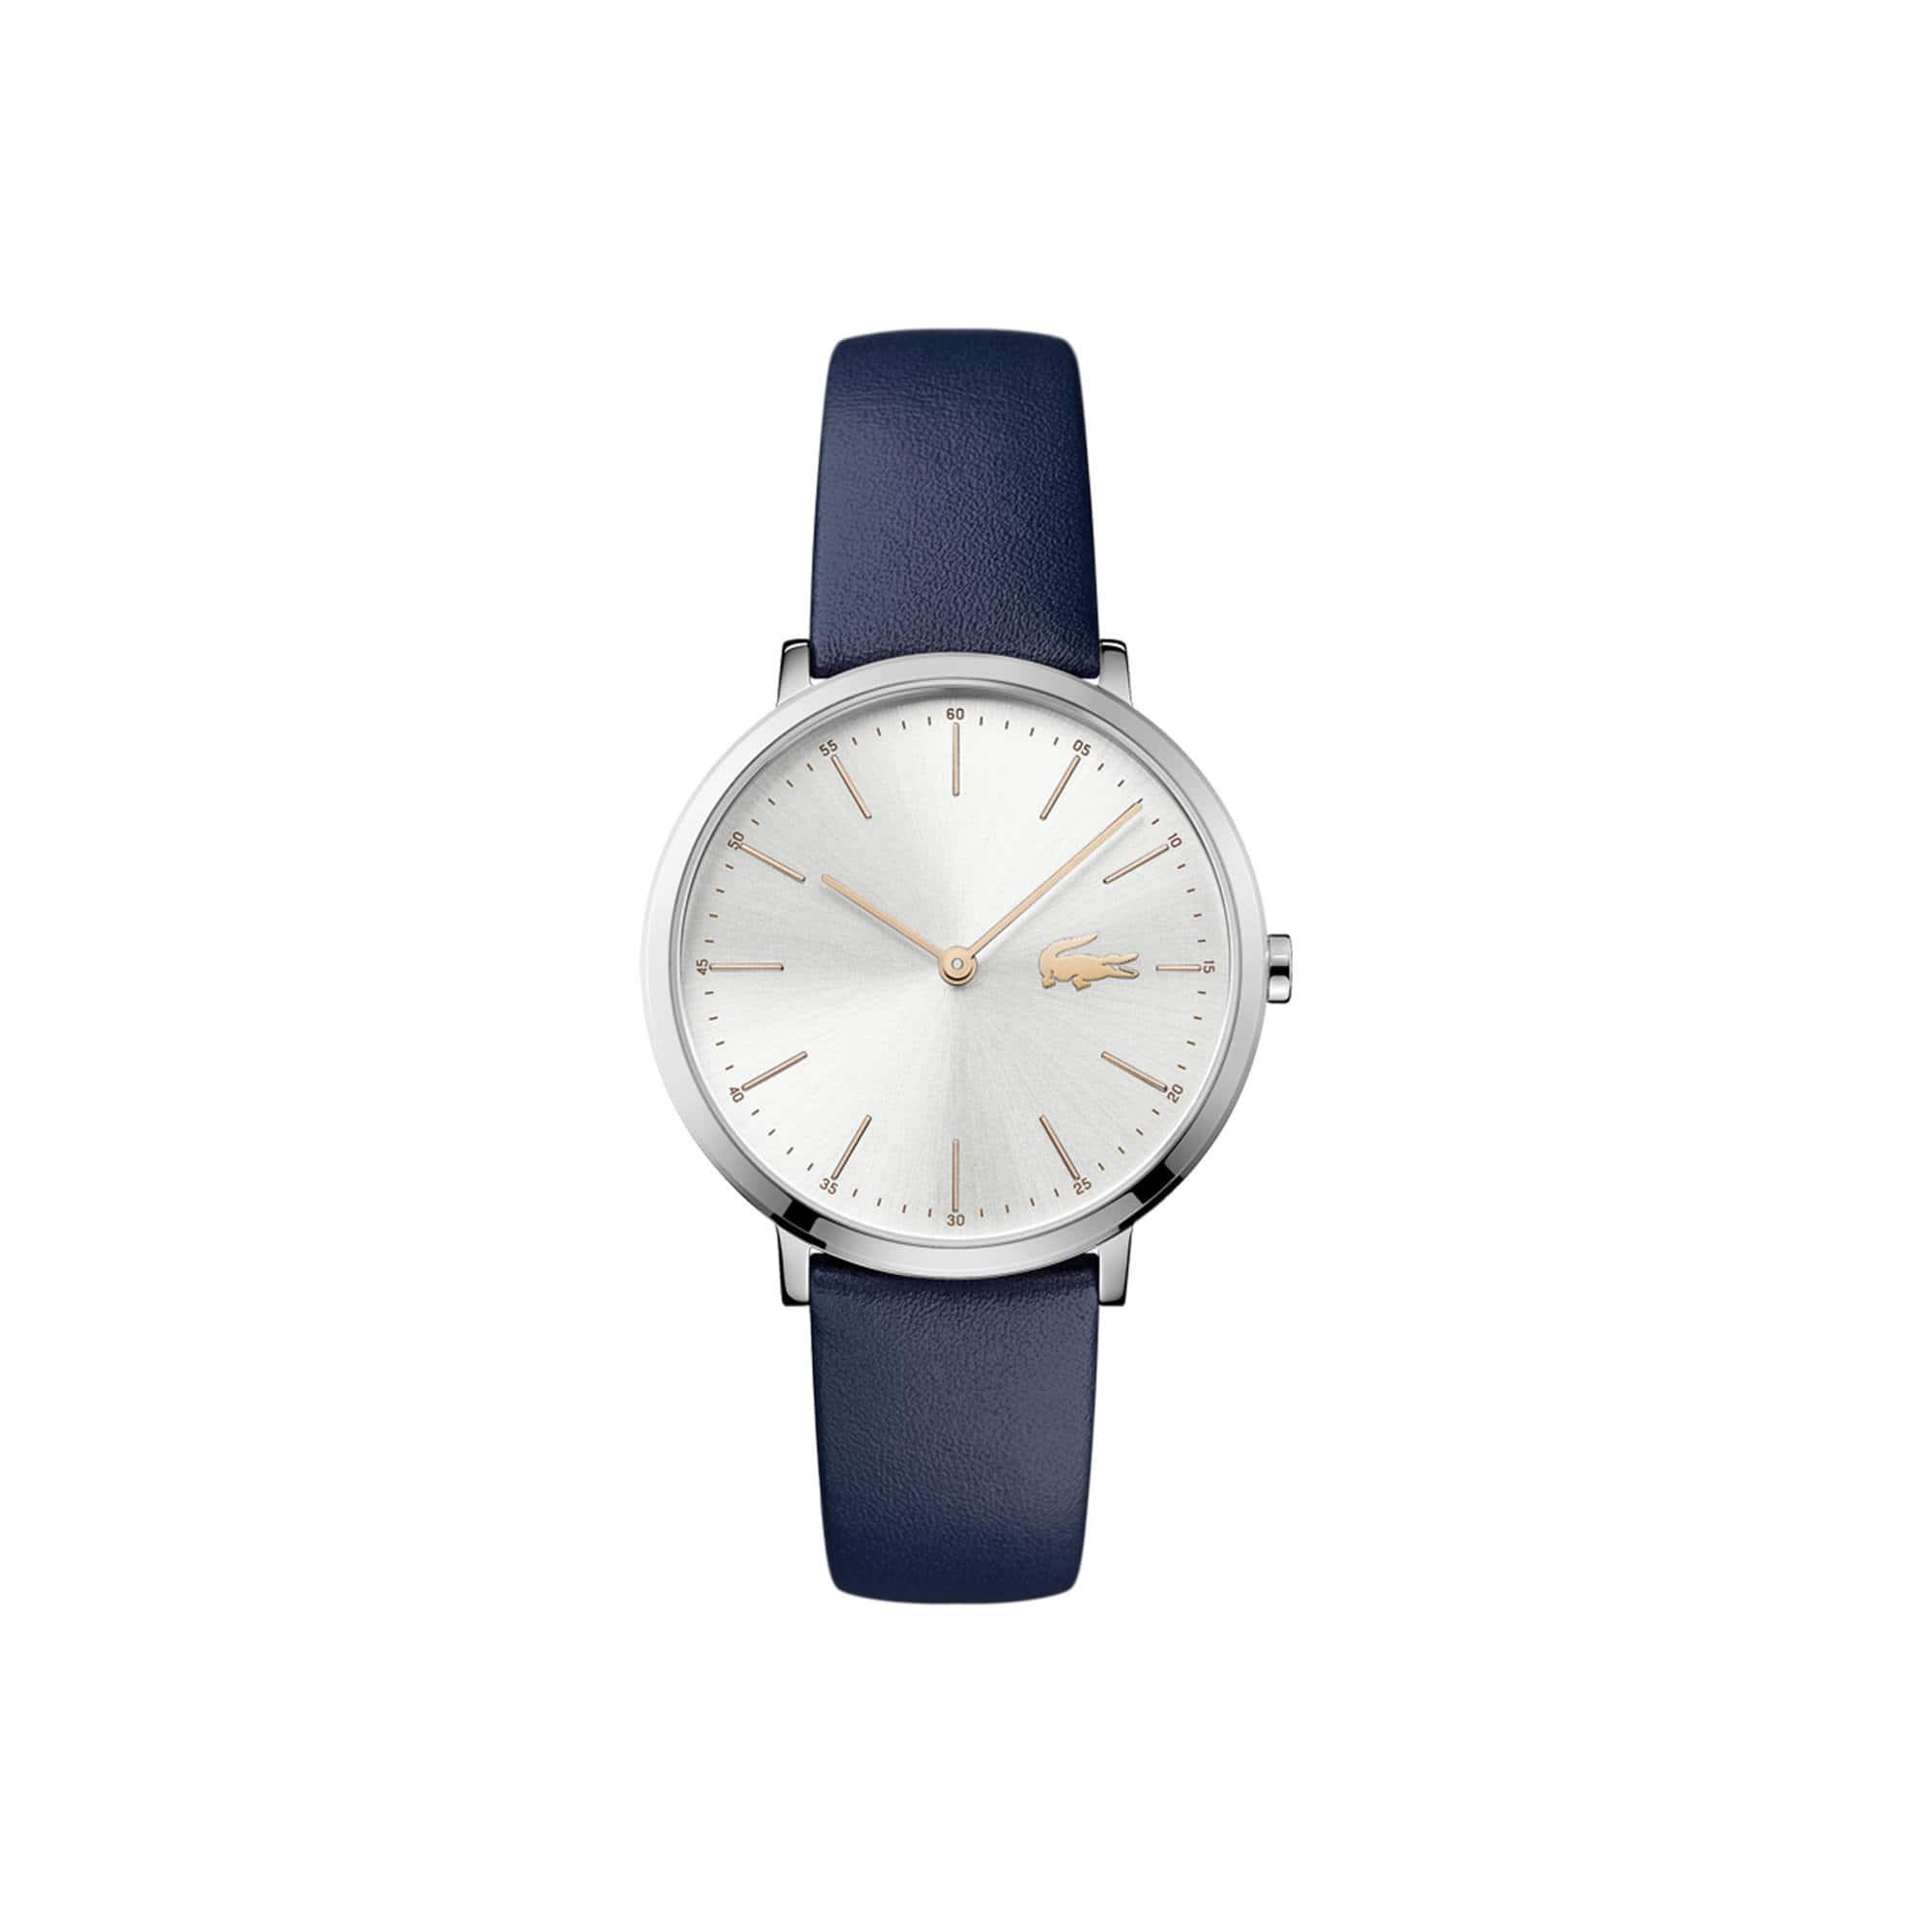 Relógio Moon Senhora com Bracelete em Couro Azul